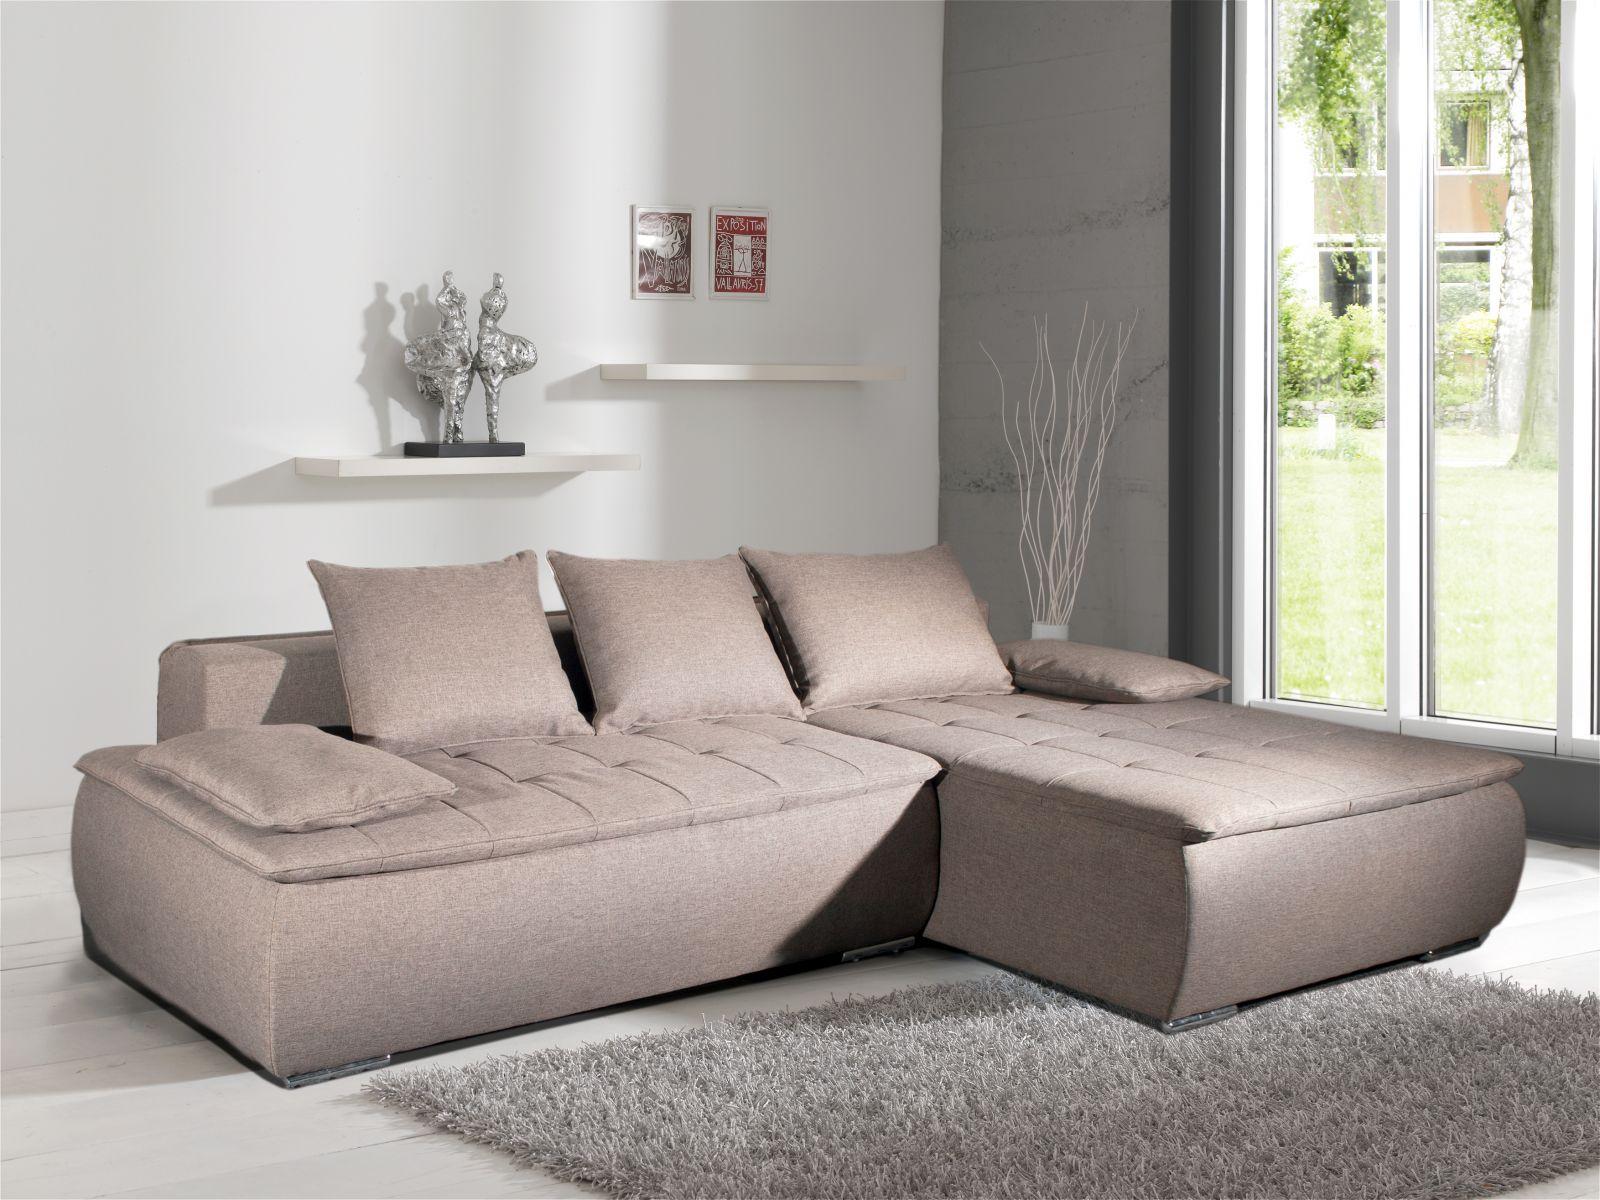 tchibo sofa affordable schnes moderne dekoration tchibo. Black Bedroom Furniture Sets. Home Design Ideas